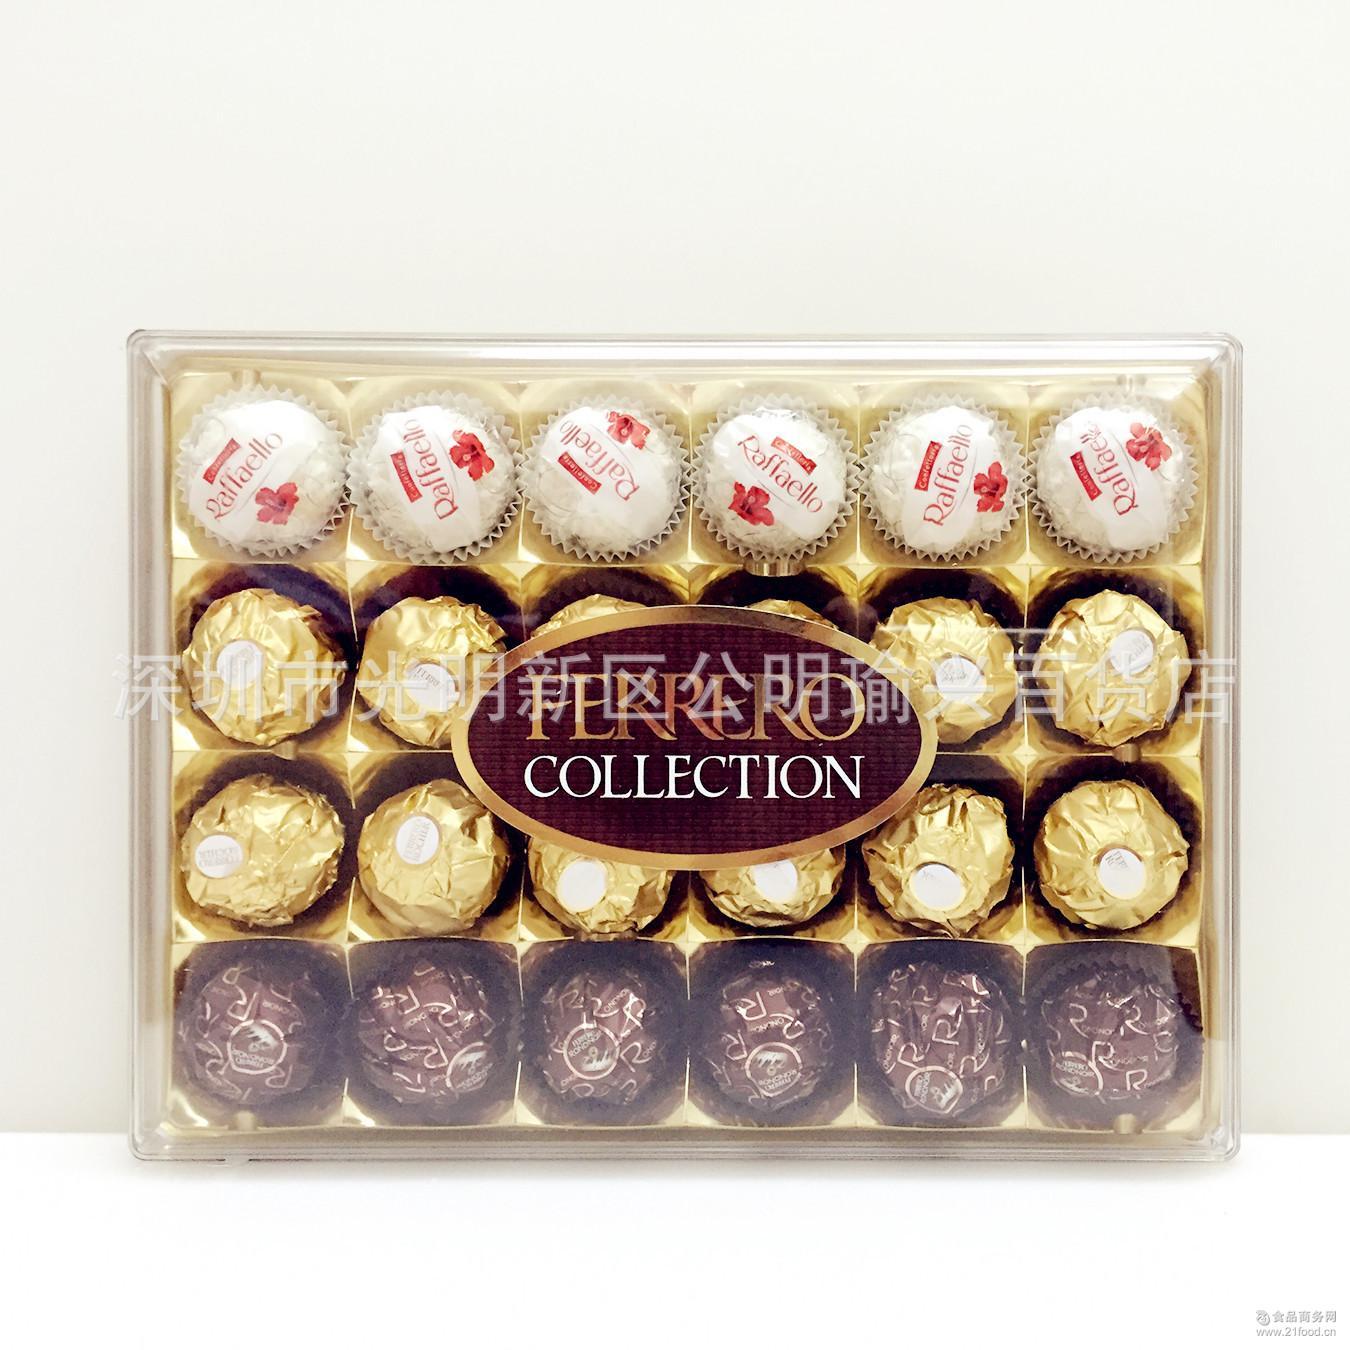 *巧克力金莎杂莎T24粒269g*4盒/箱 批发 意大利 费列罗